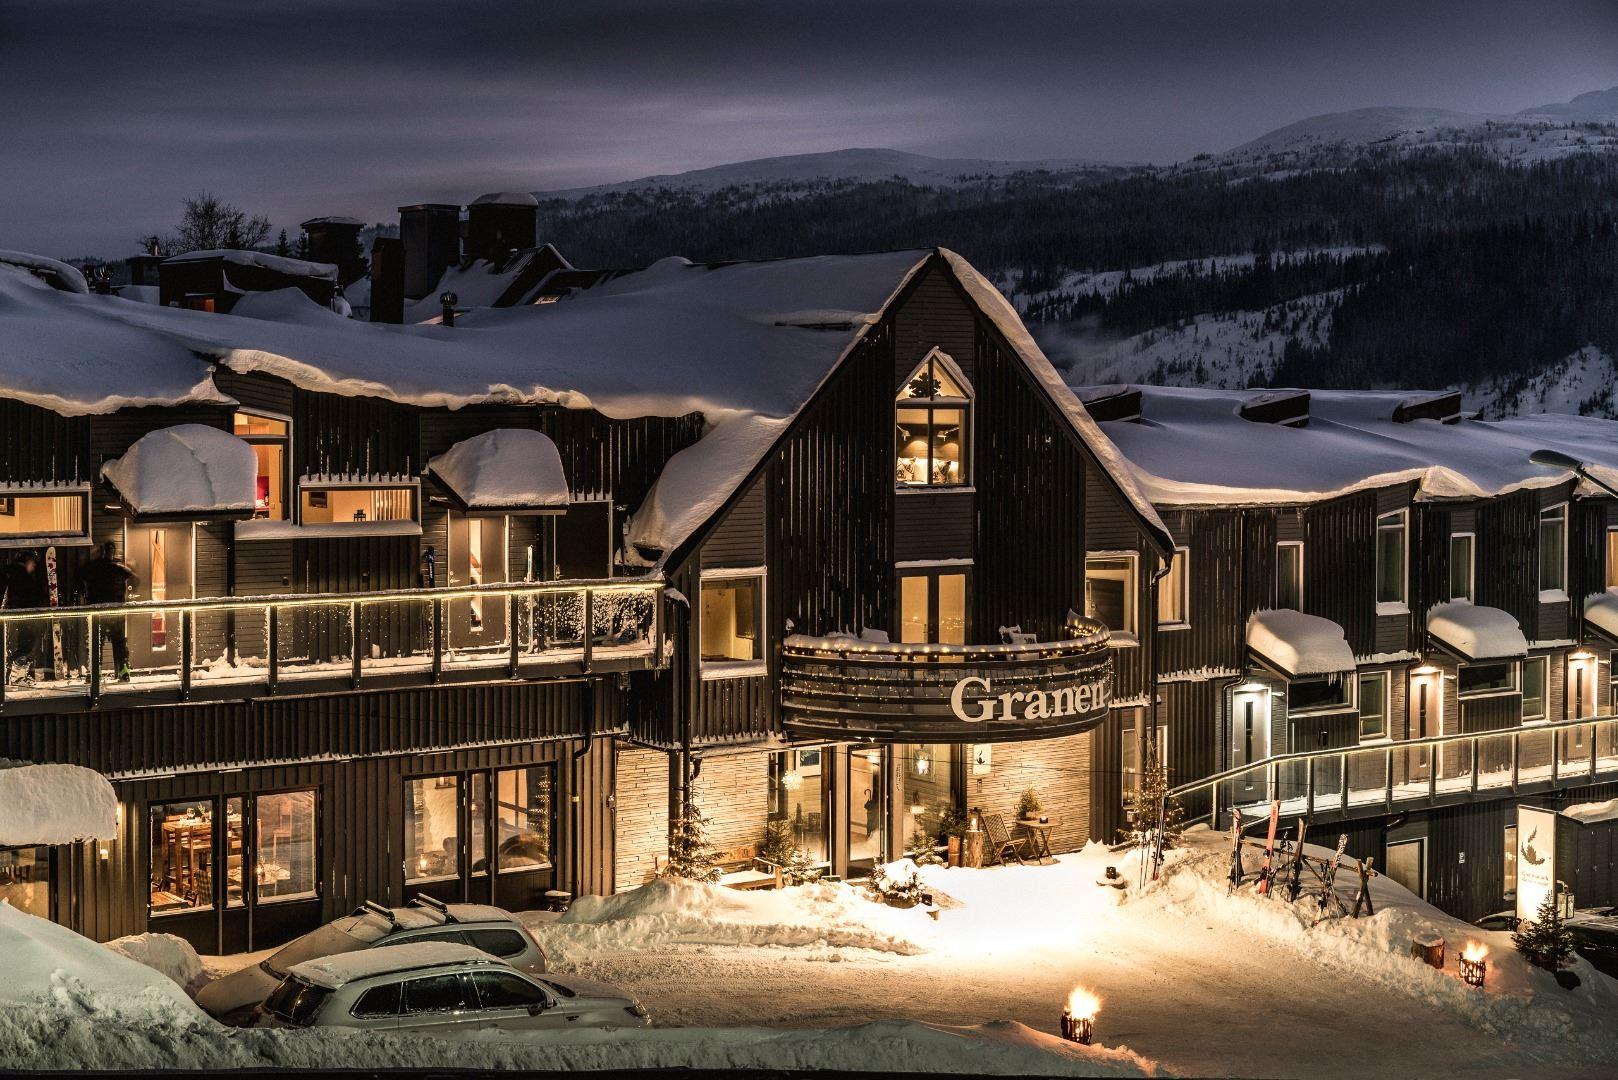 Granen Hotel & Restaurant